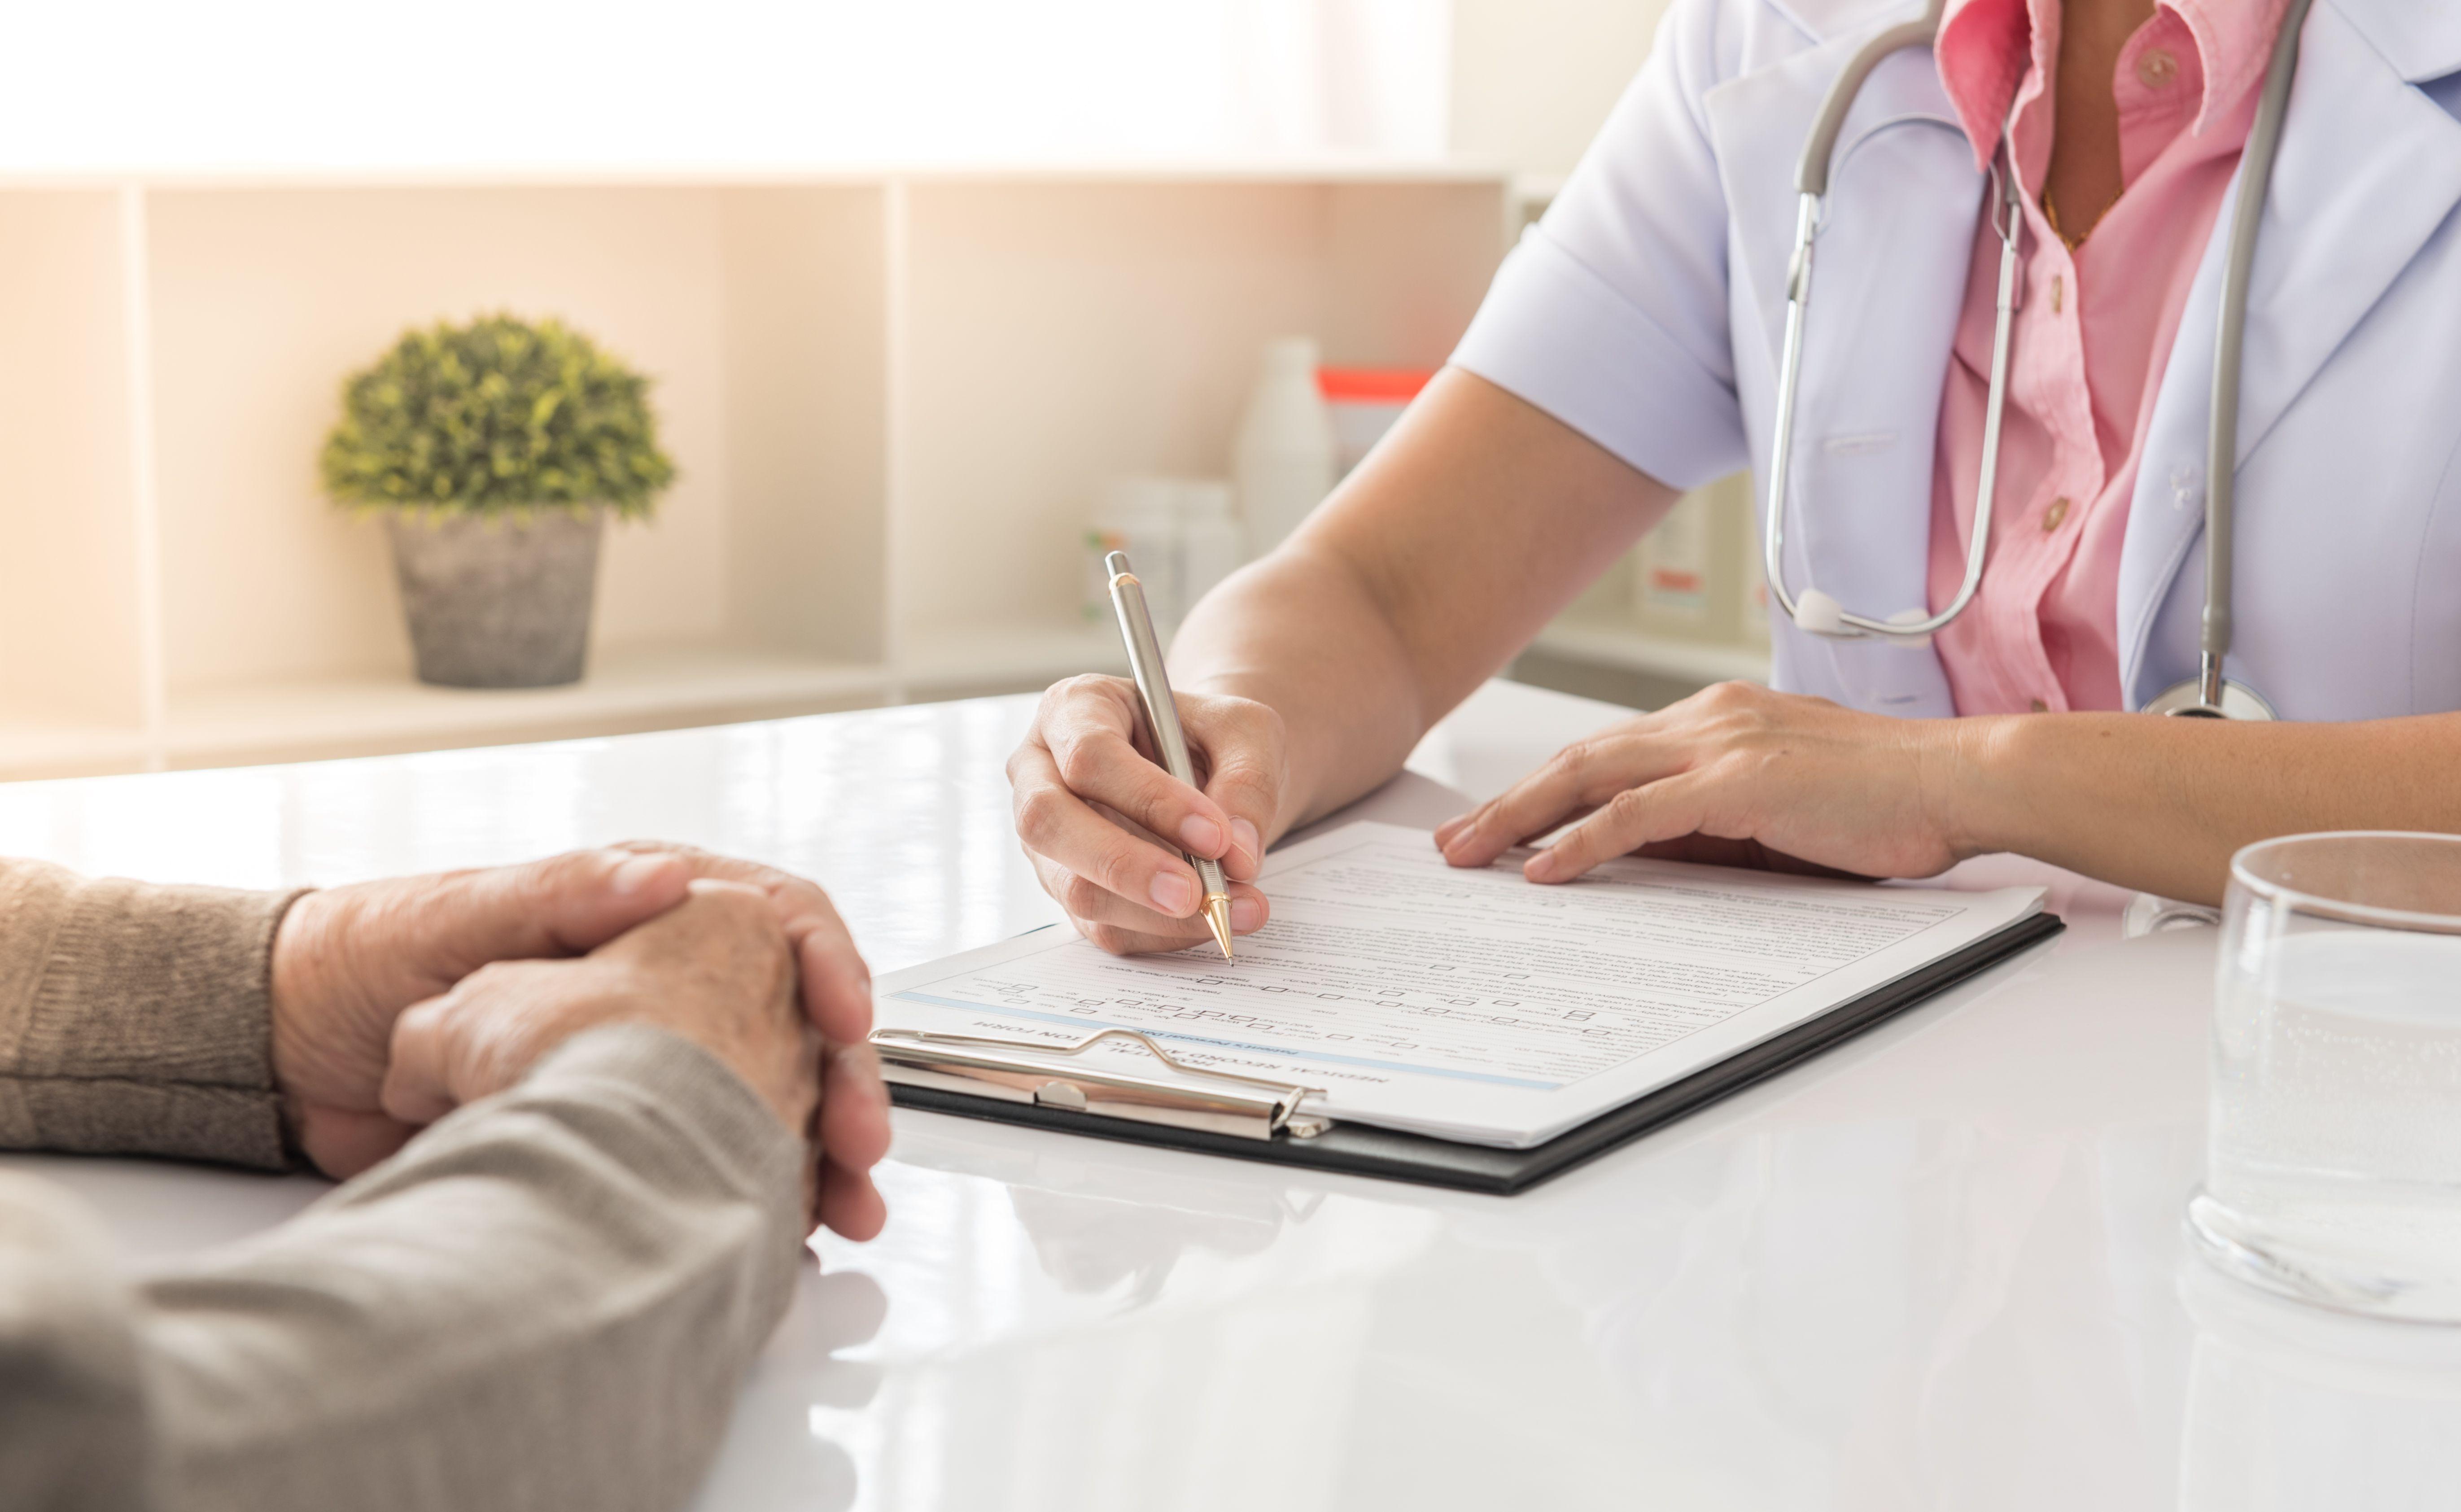 Consulta de psiquiatría: ¿En qué te puedo ayudar? de Medicina integrativa Valencia